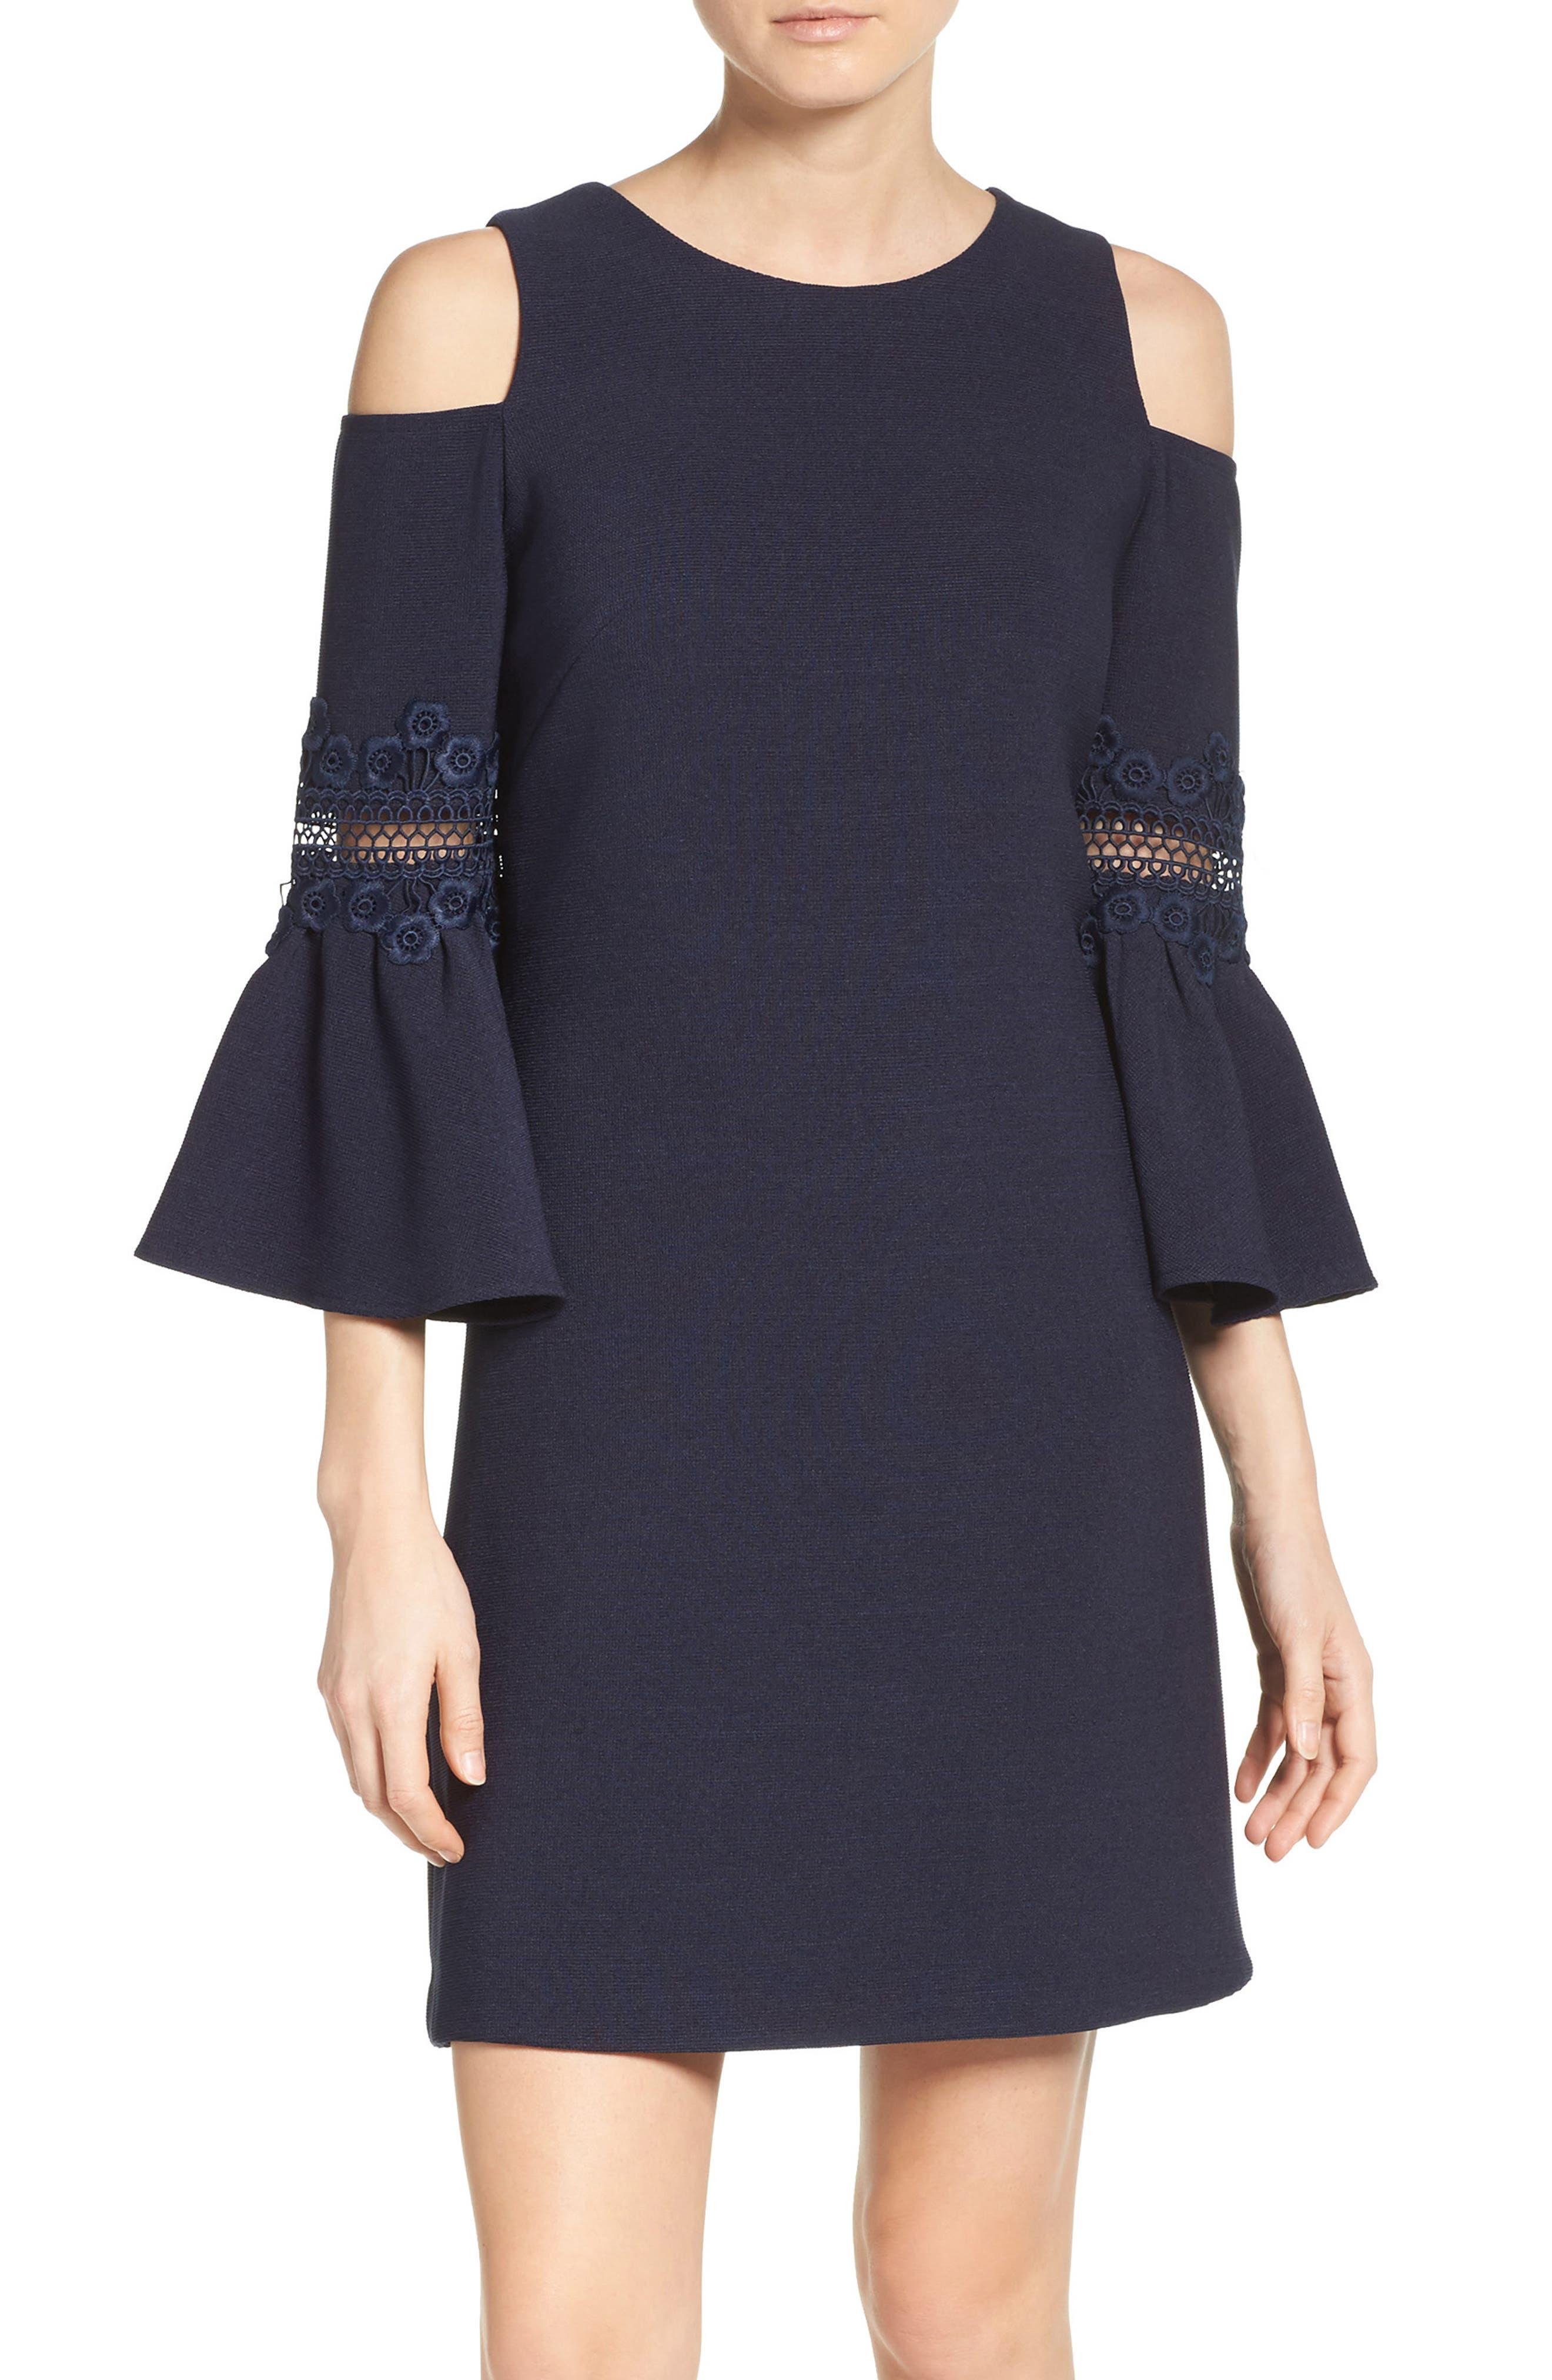 Lace Appliqué Crepe Cold Shoulder Dress,                         Main,                         color, Navy